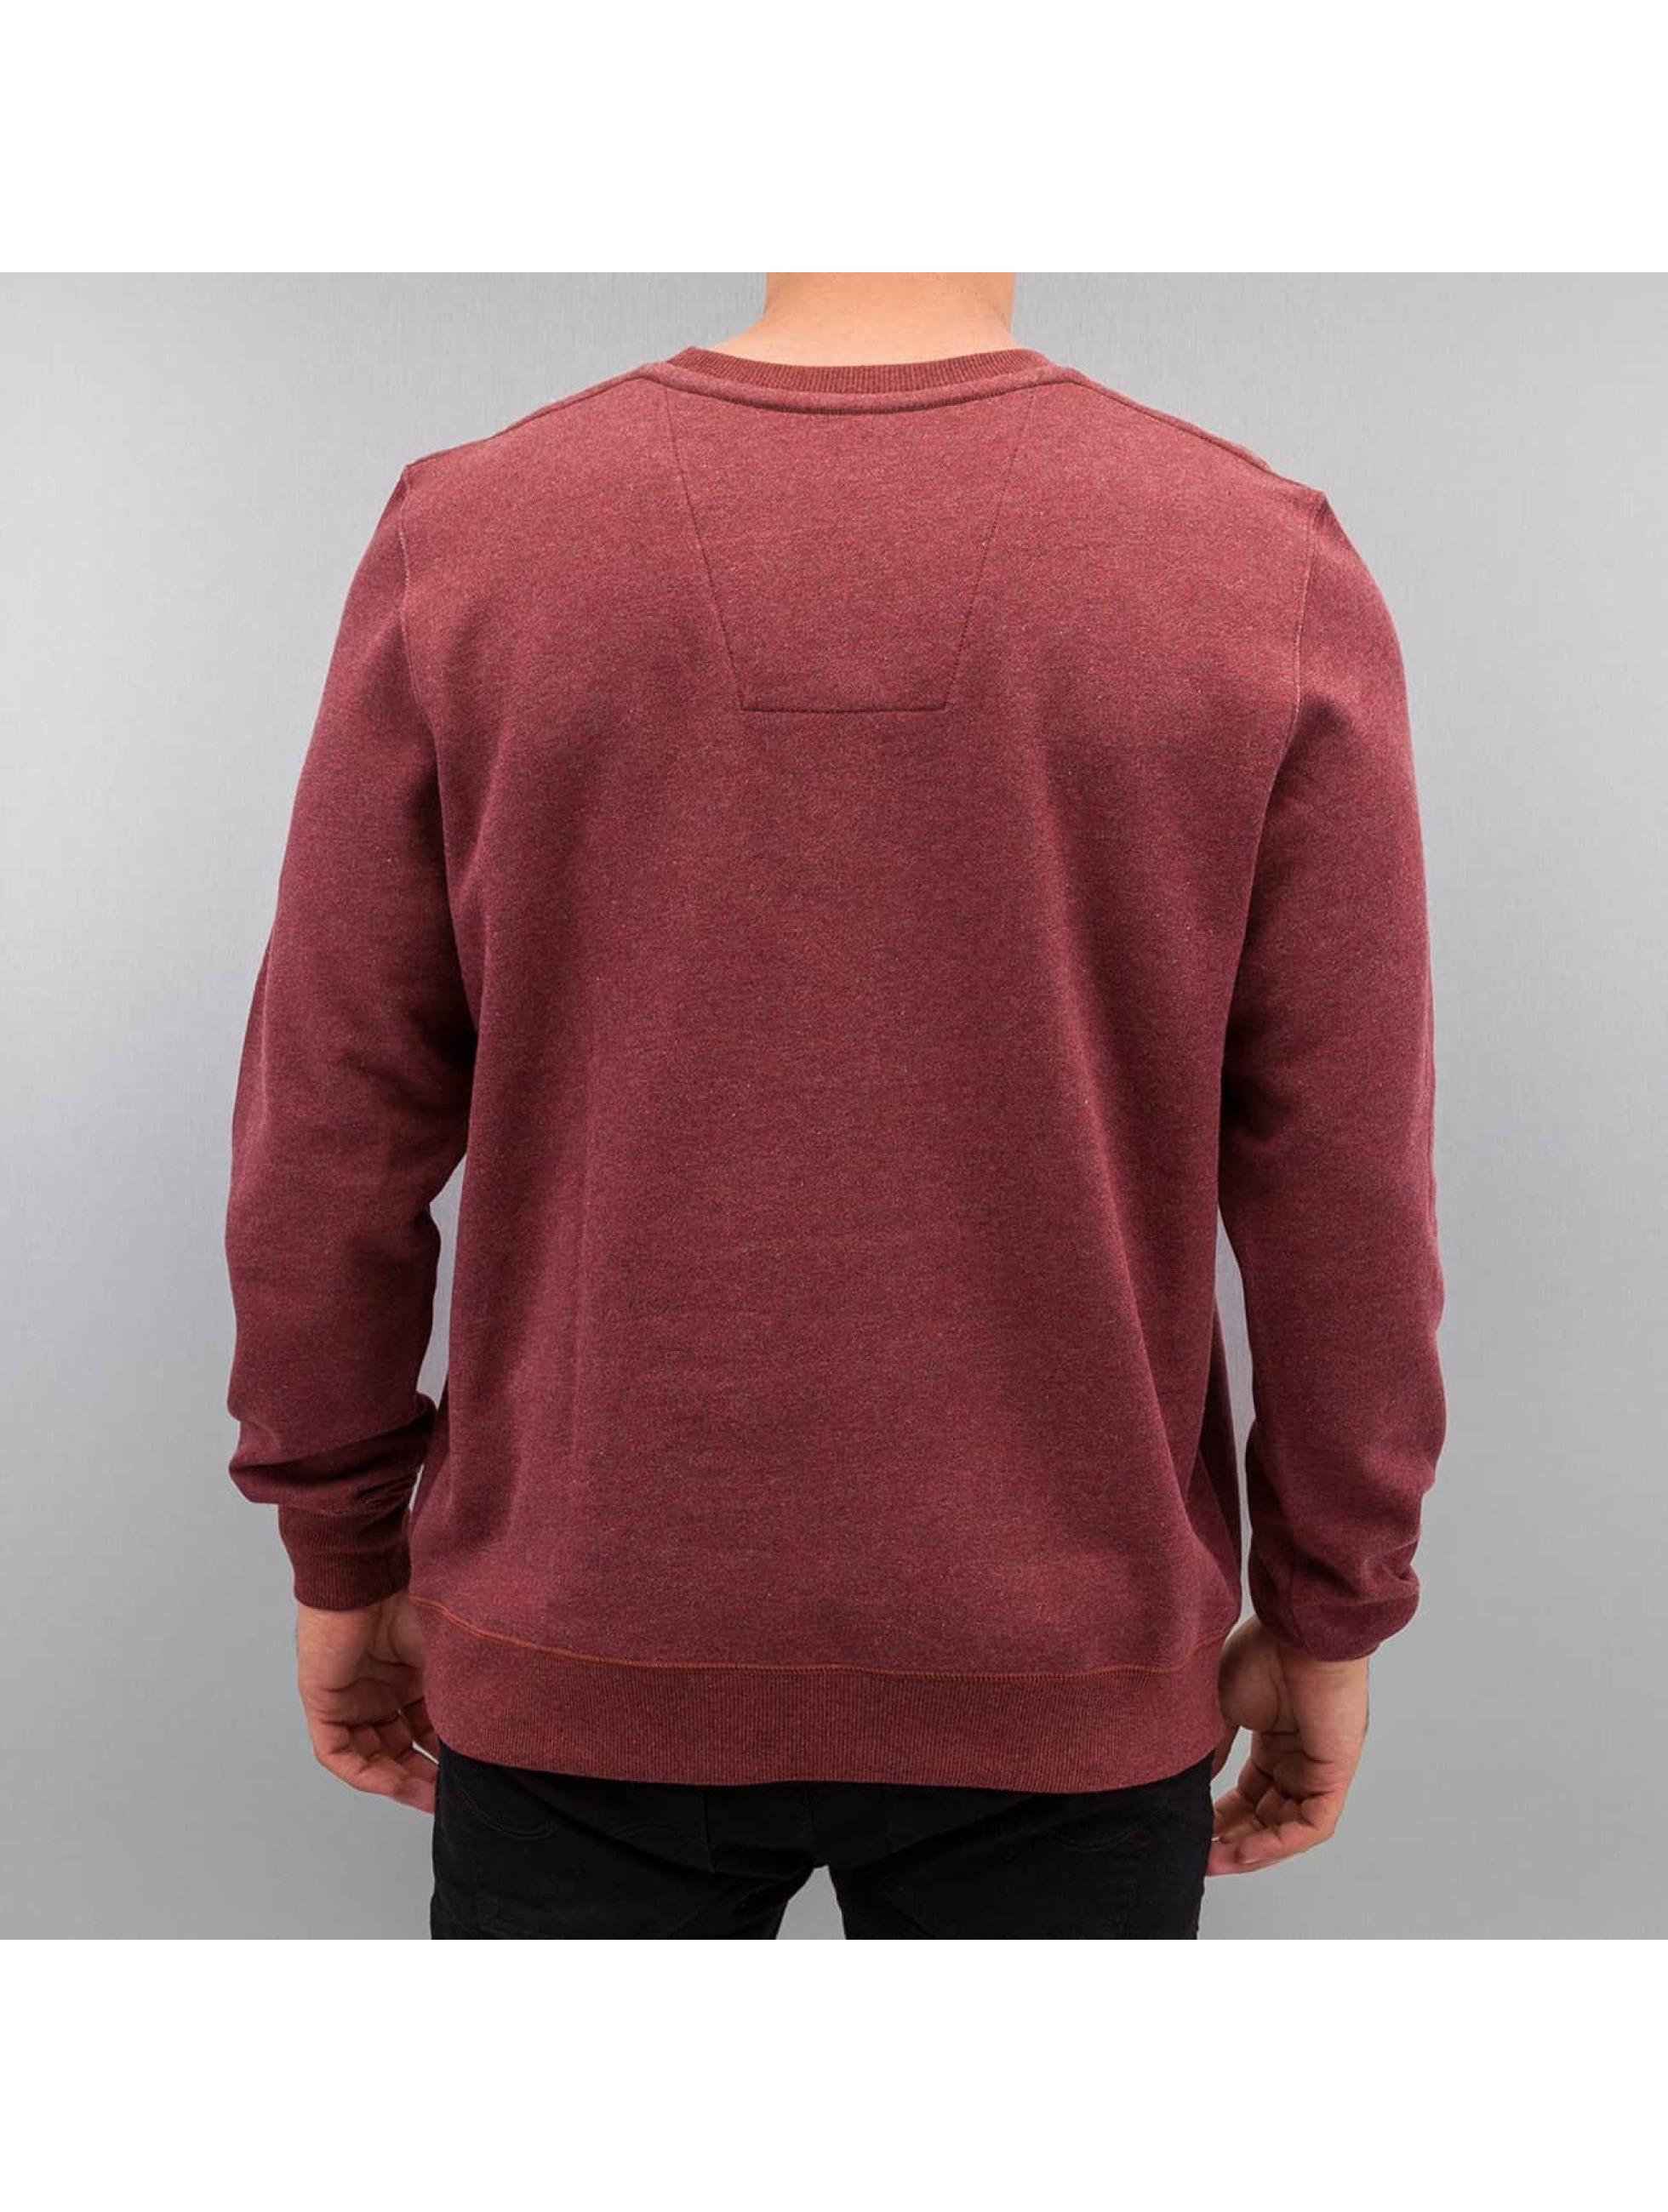 G-Star Swetry Core czerwony